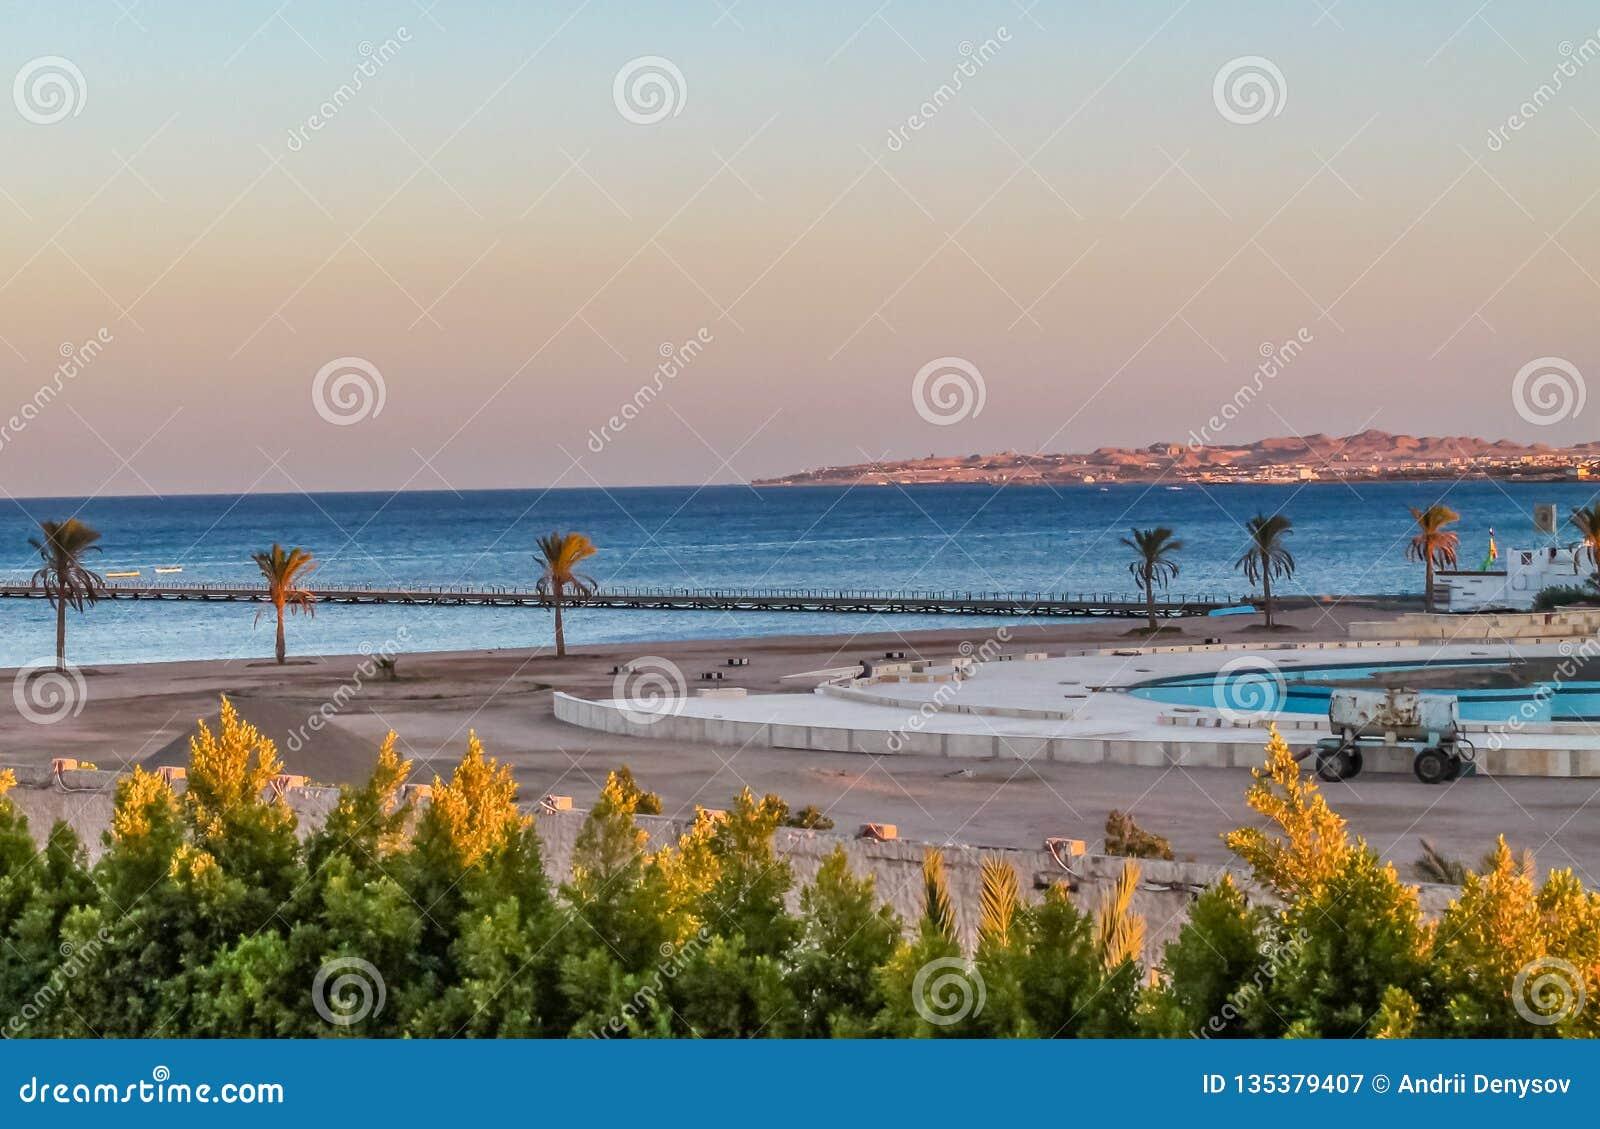 Widok hotel's rekreacyjny teren na plażowym i dennym brzeg, drzewka palmowe pod niebieskim niebem słoneczny dzień